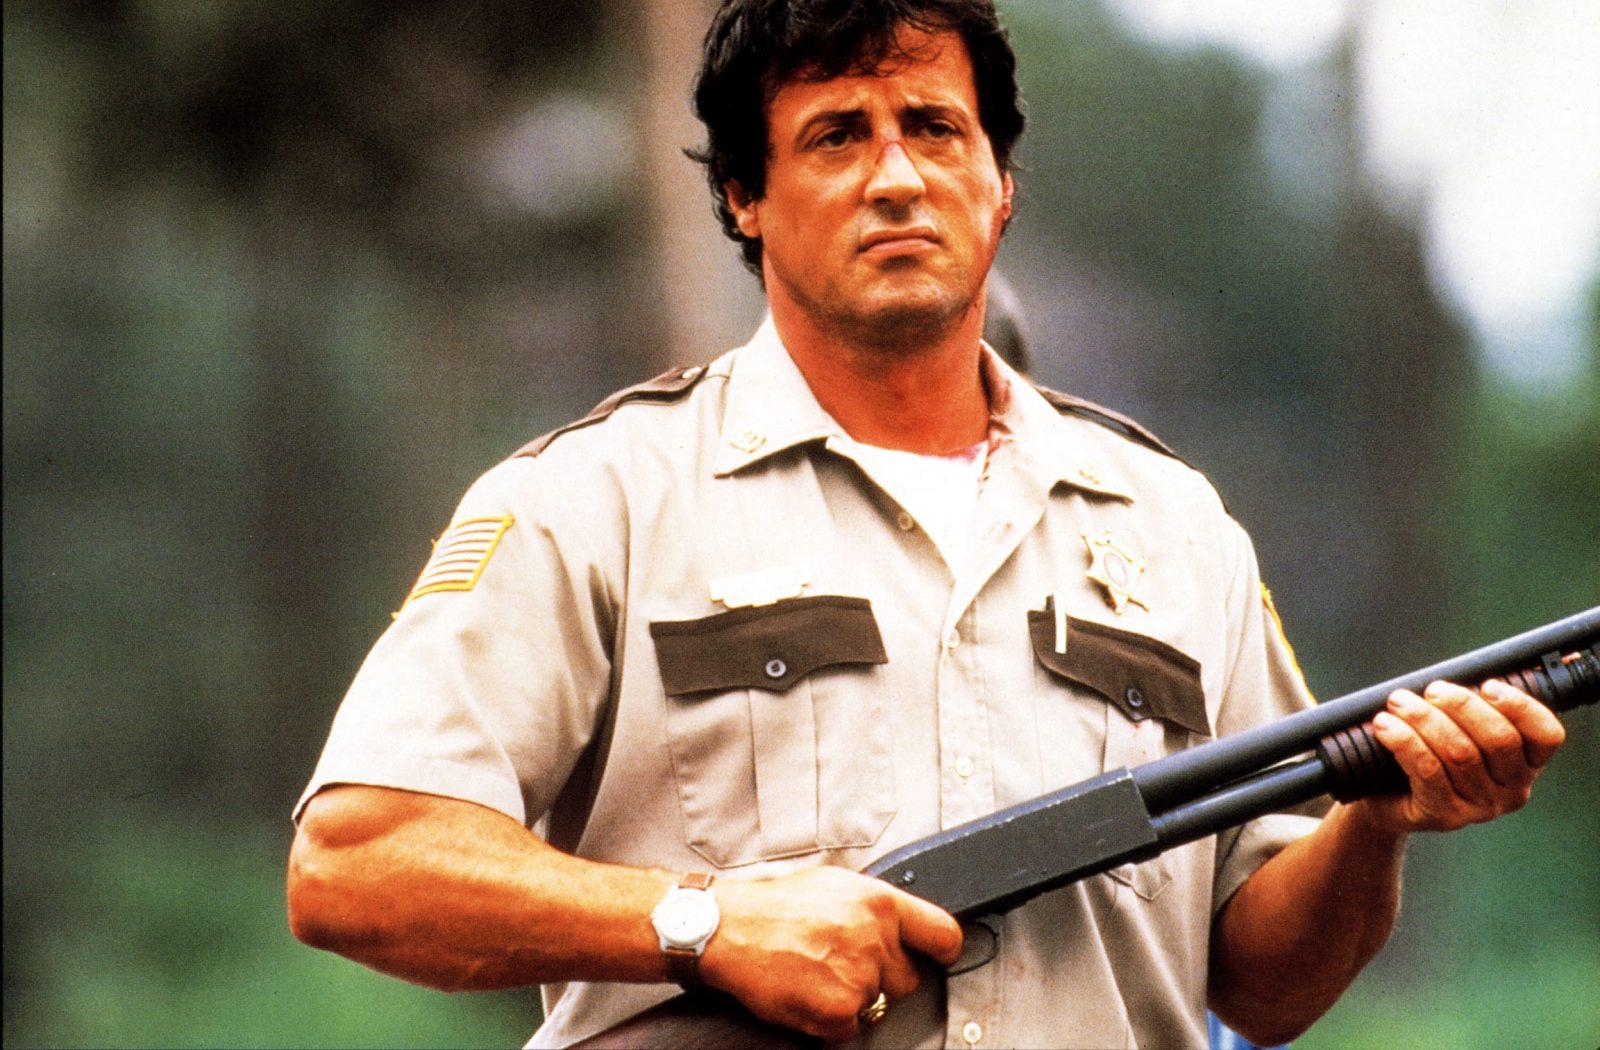 """Sylvester Stallone spielte in """"Copland"""" einen Polizisten, der lange die Augen vor Korruption in den eigenen Reihen verschloß Foto: picture alliance/Mary Evans Picture Library"""